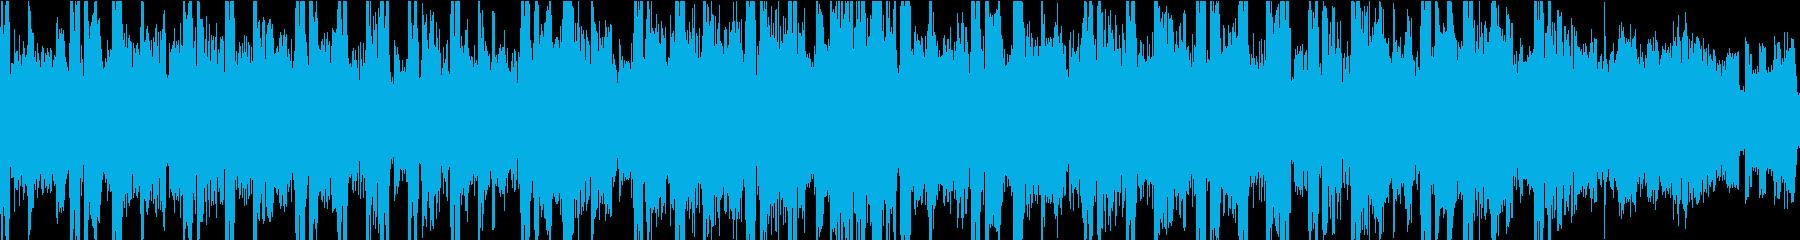 グルーヴィーなベースラインと渦巻き...の再生済みの波形